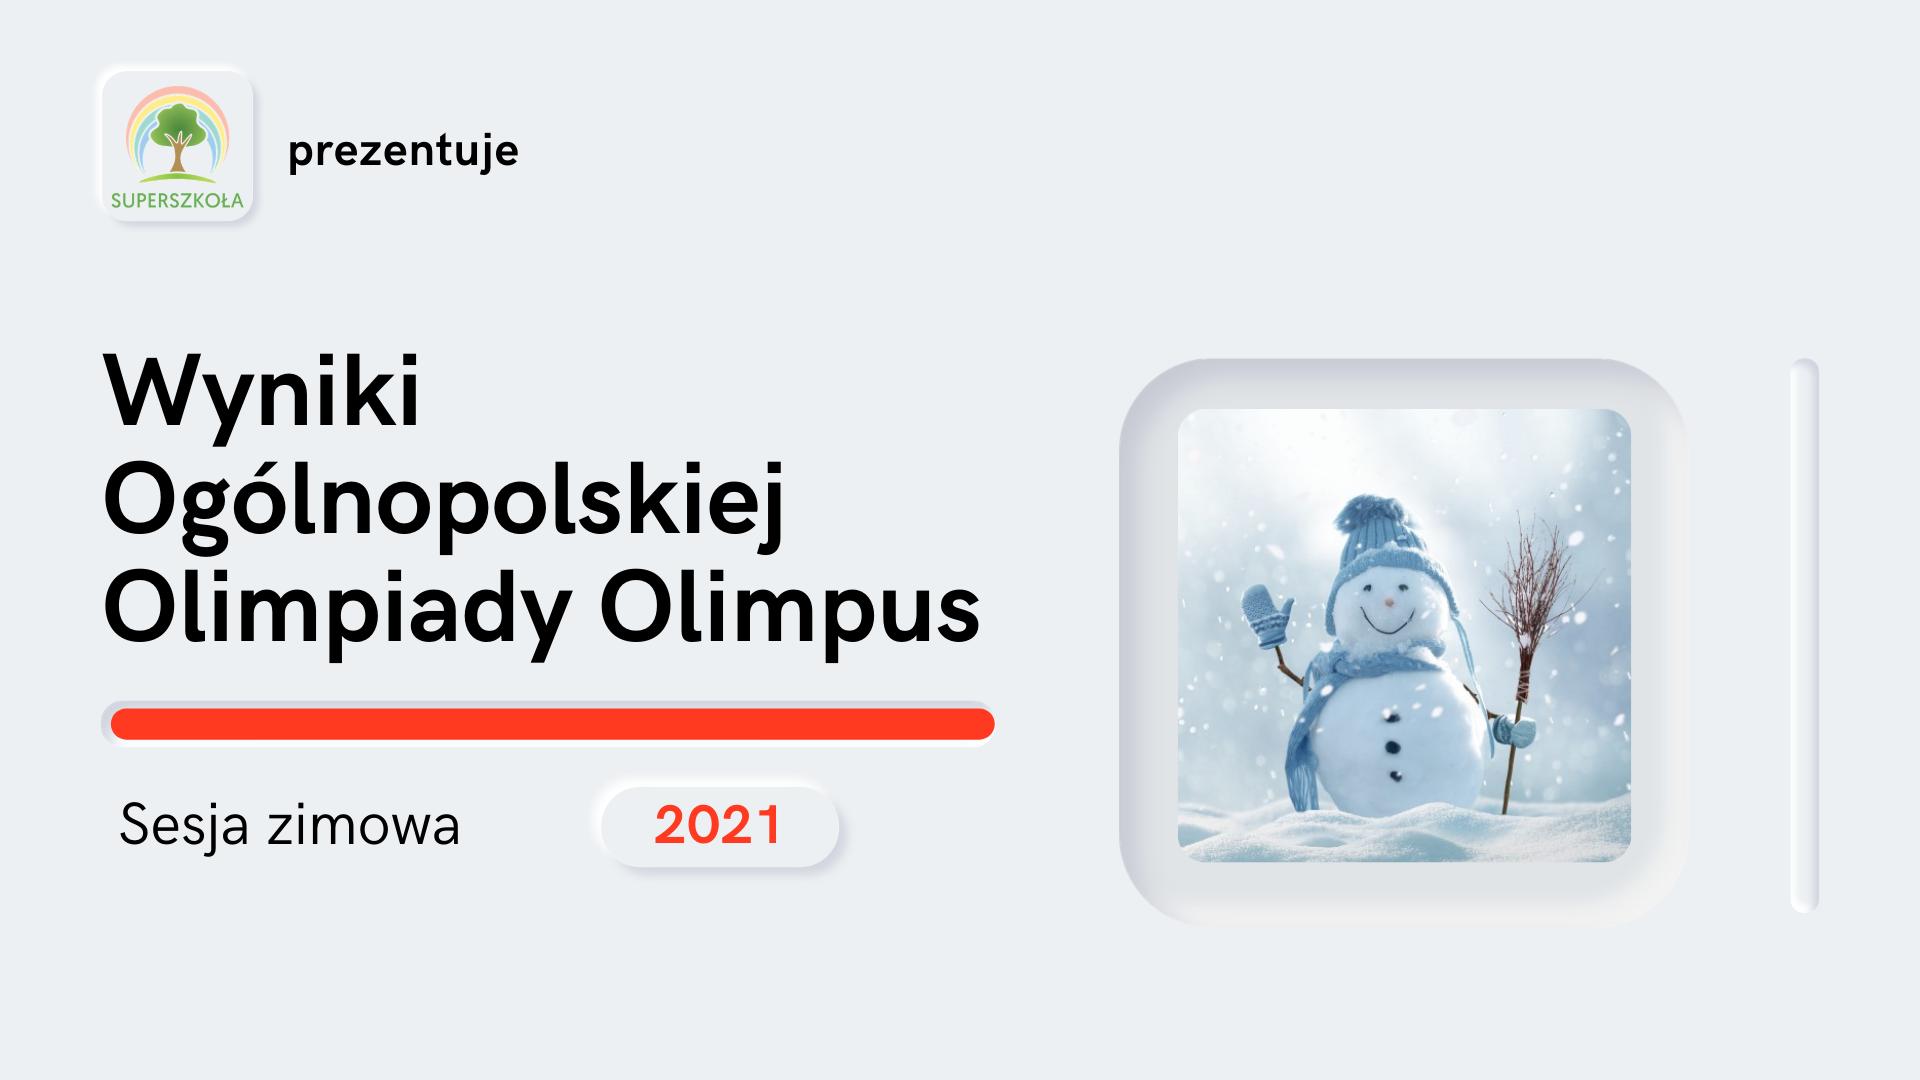 olimpiada zimowa 2021 wyniki